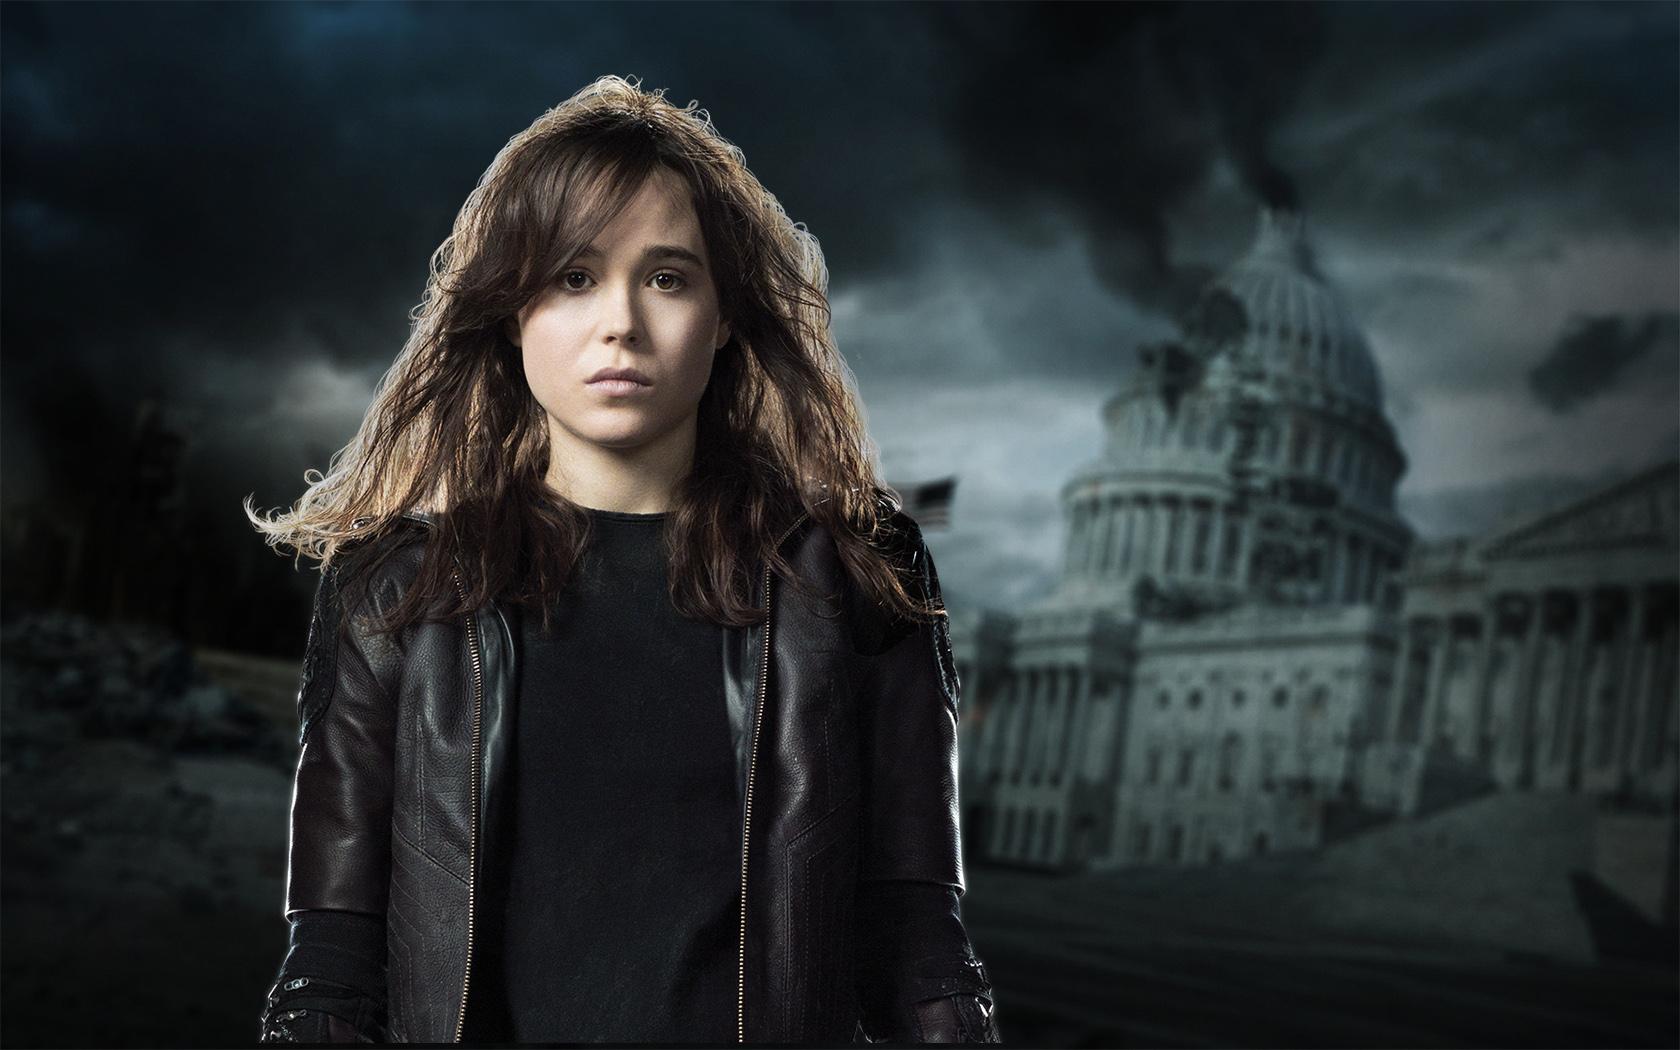 X Men Shadowcat Movie Full resolution